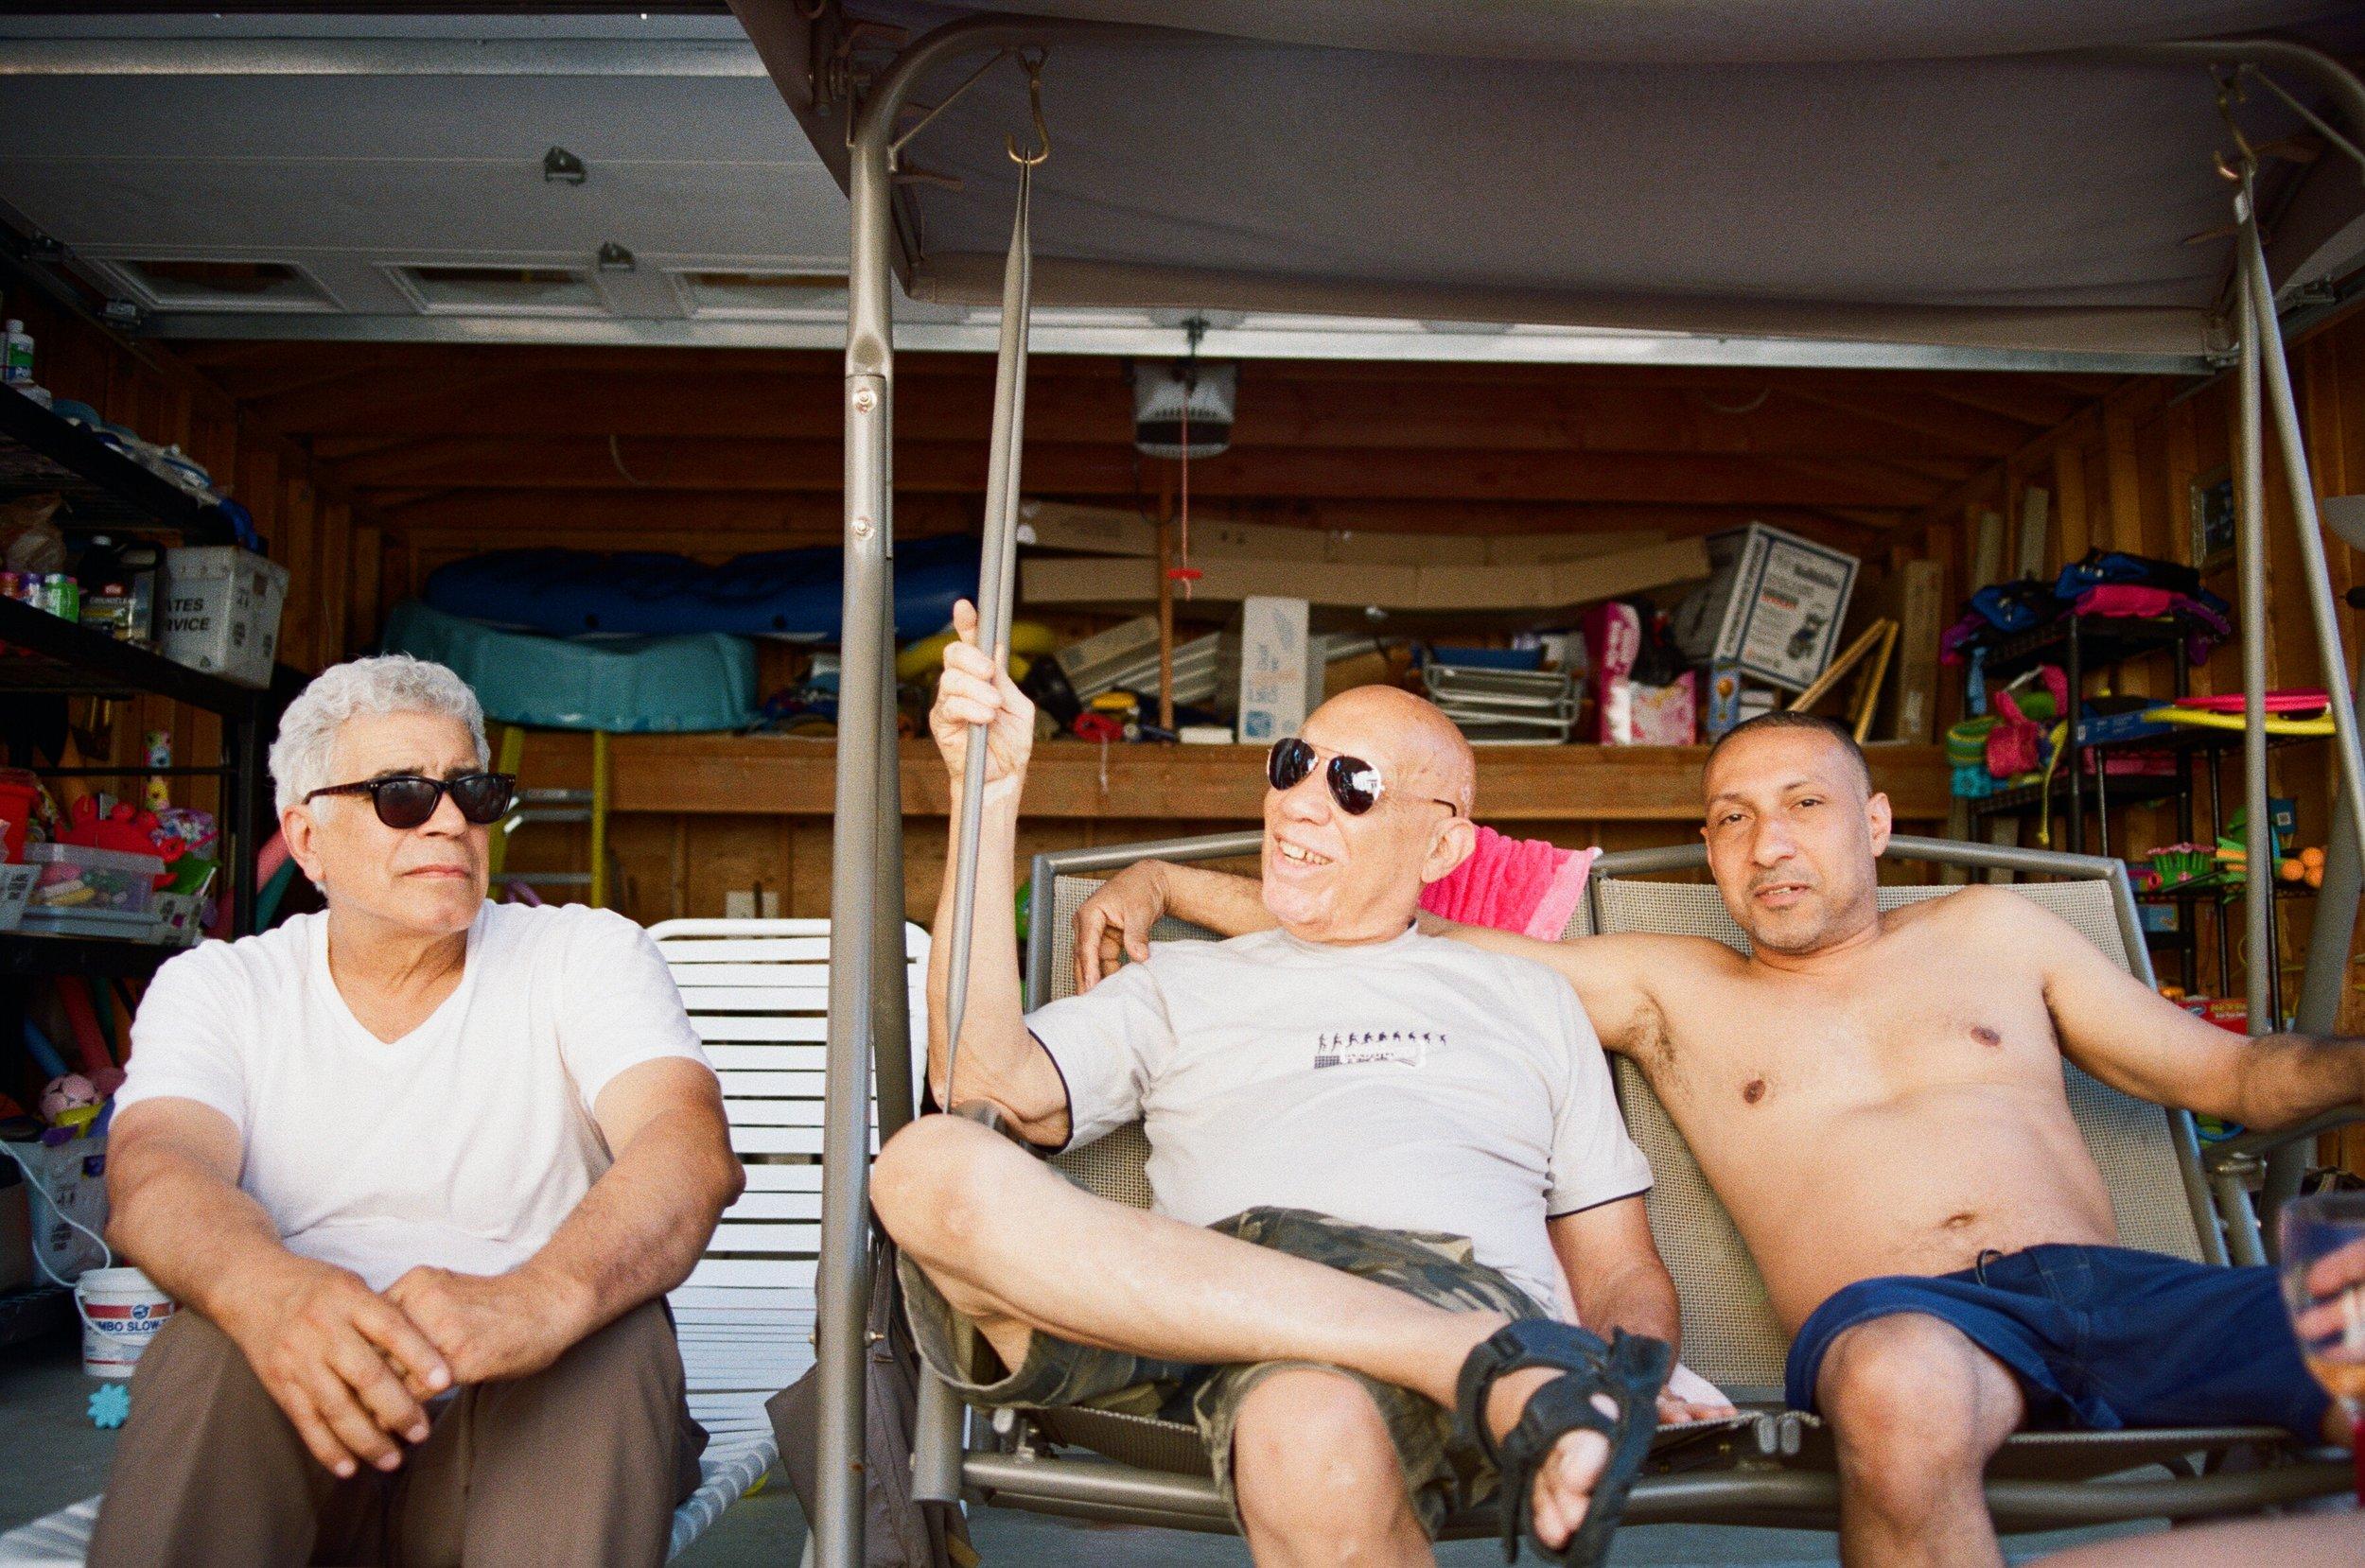 E. Burgos, O. Aragones Sr, & O. Aragones Jr